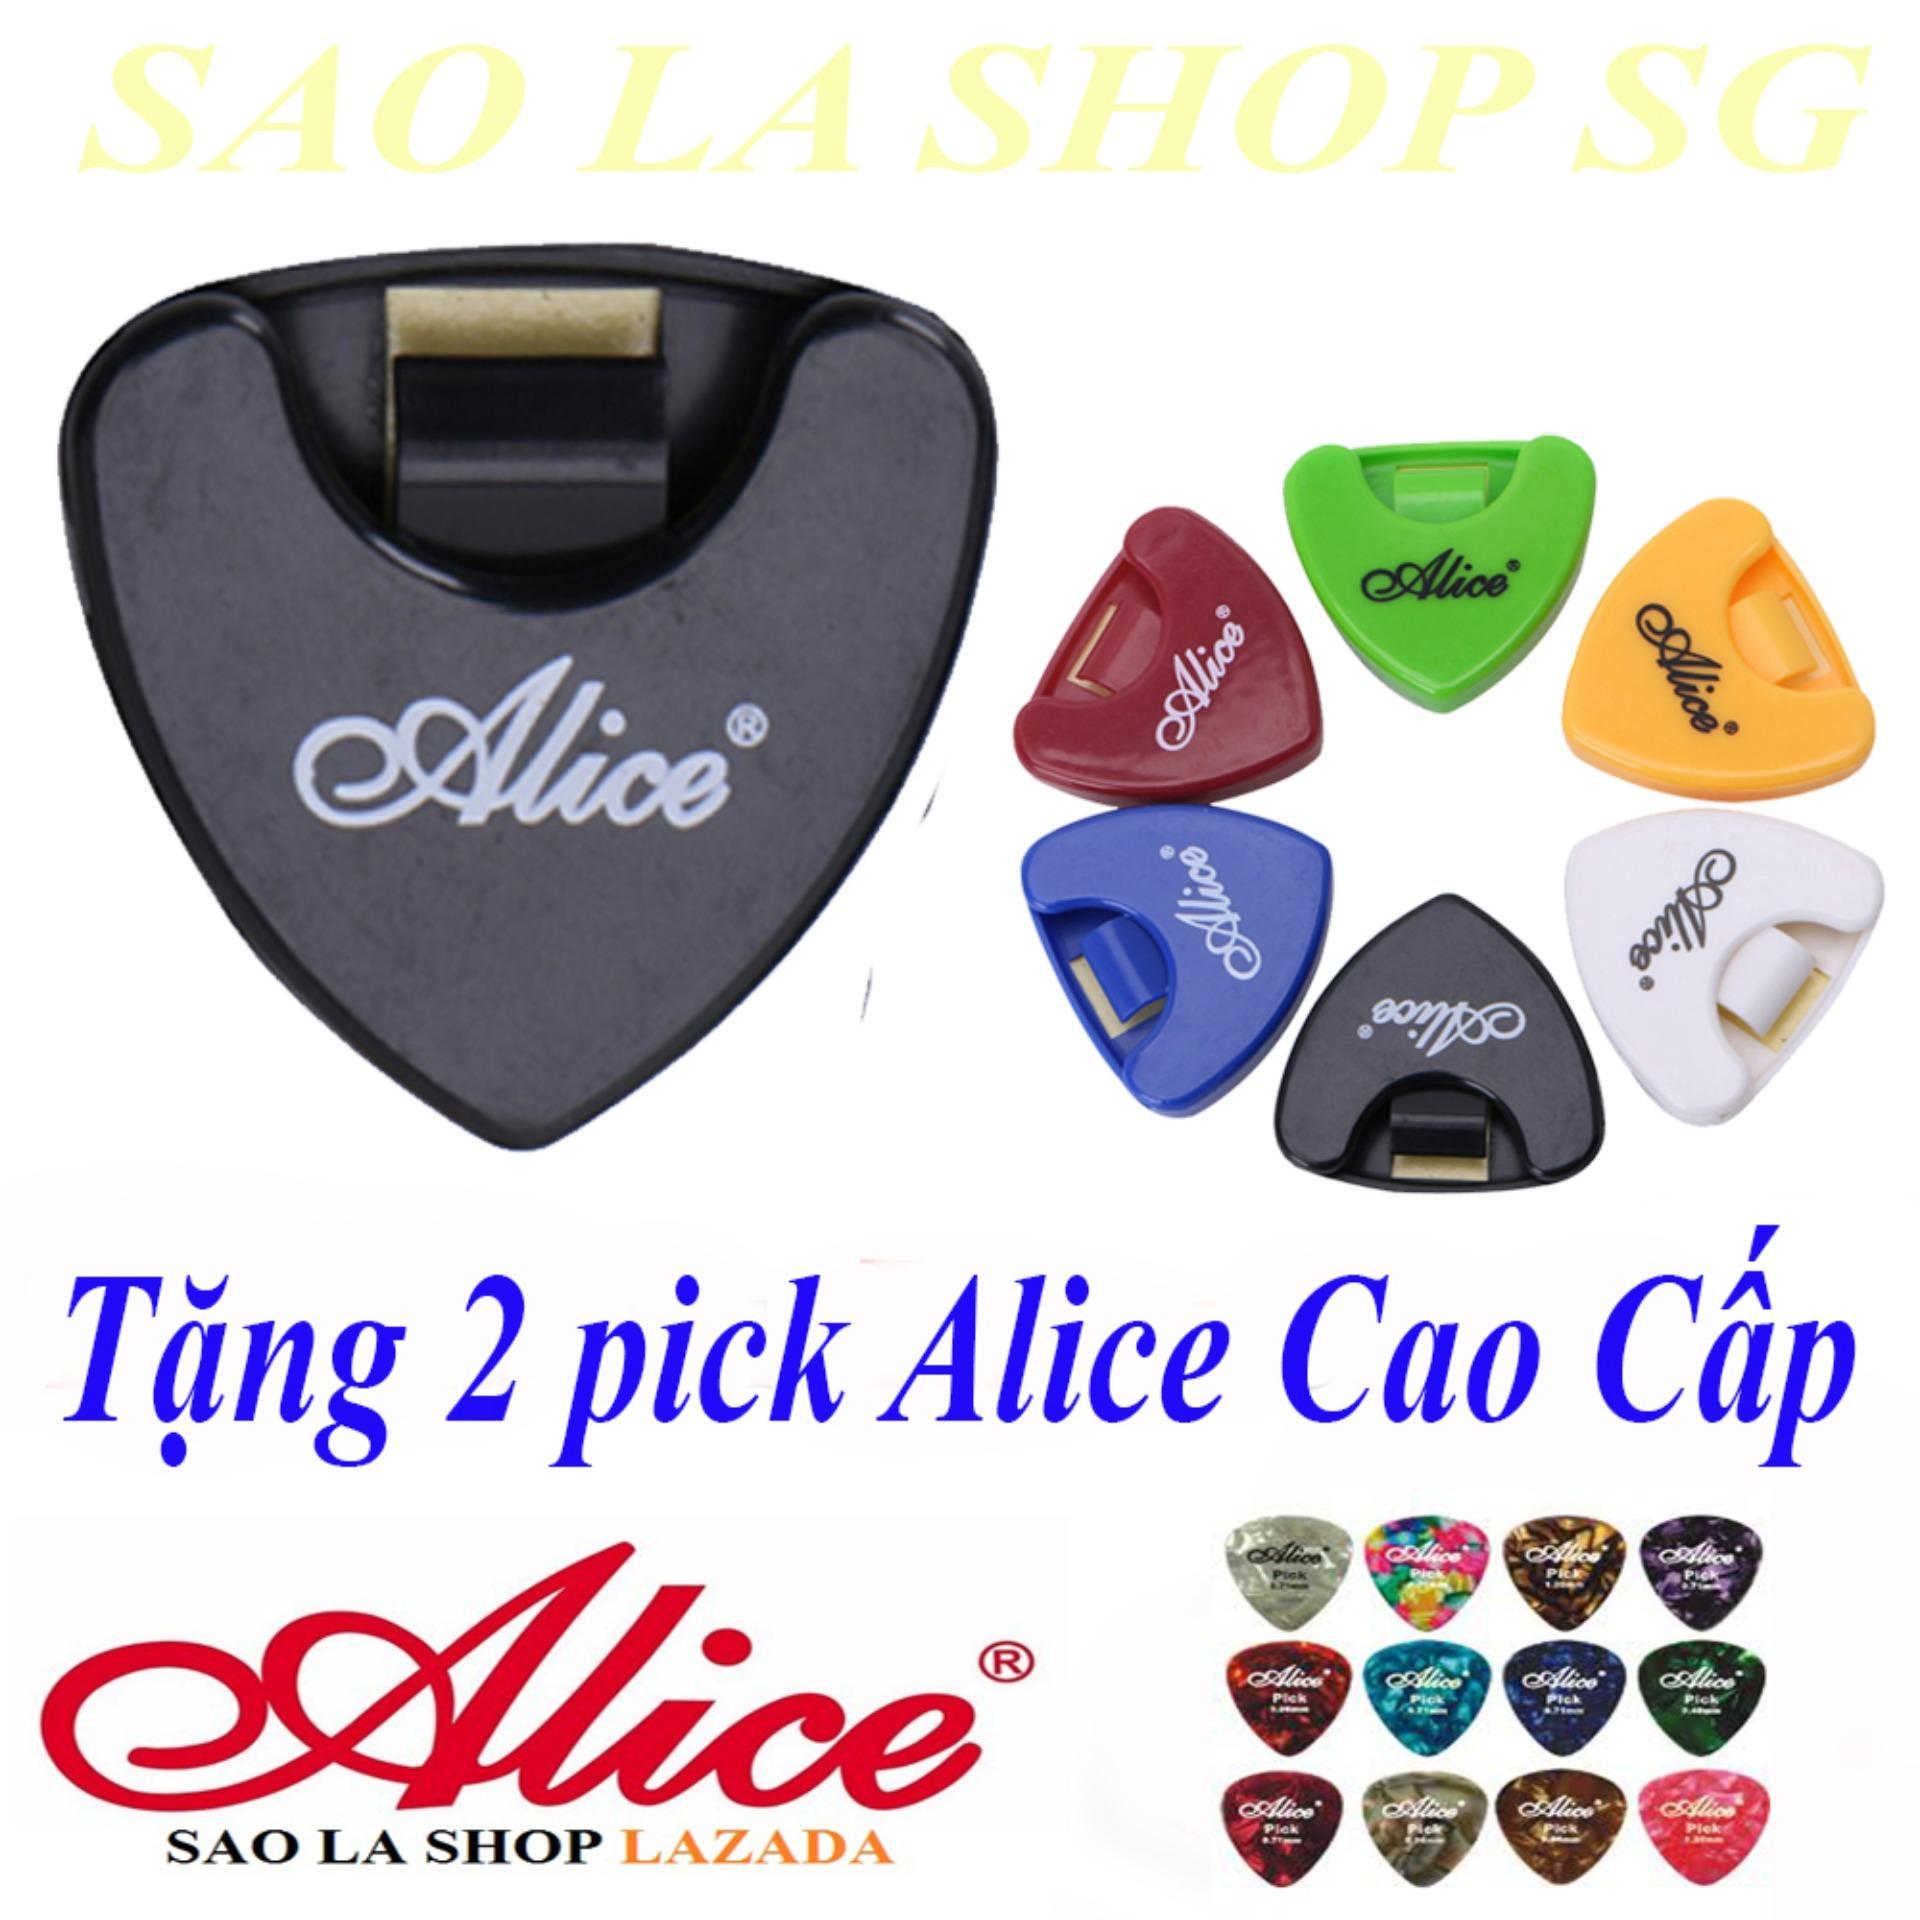 Hộp Đựng Phím Đàn Ghi-ta Alice + 2 Pick Alice Cao Cấp